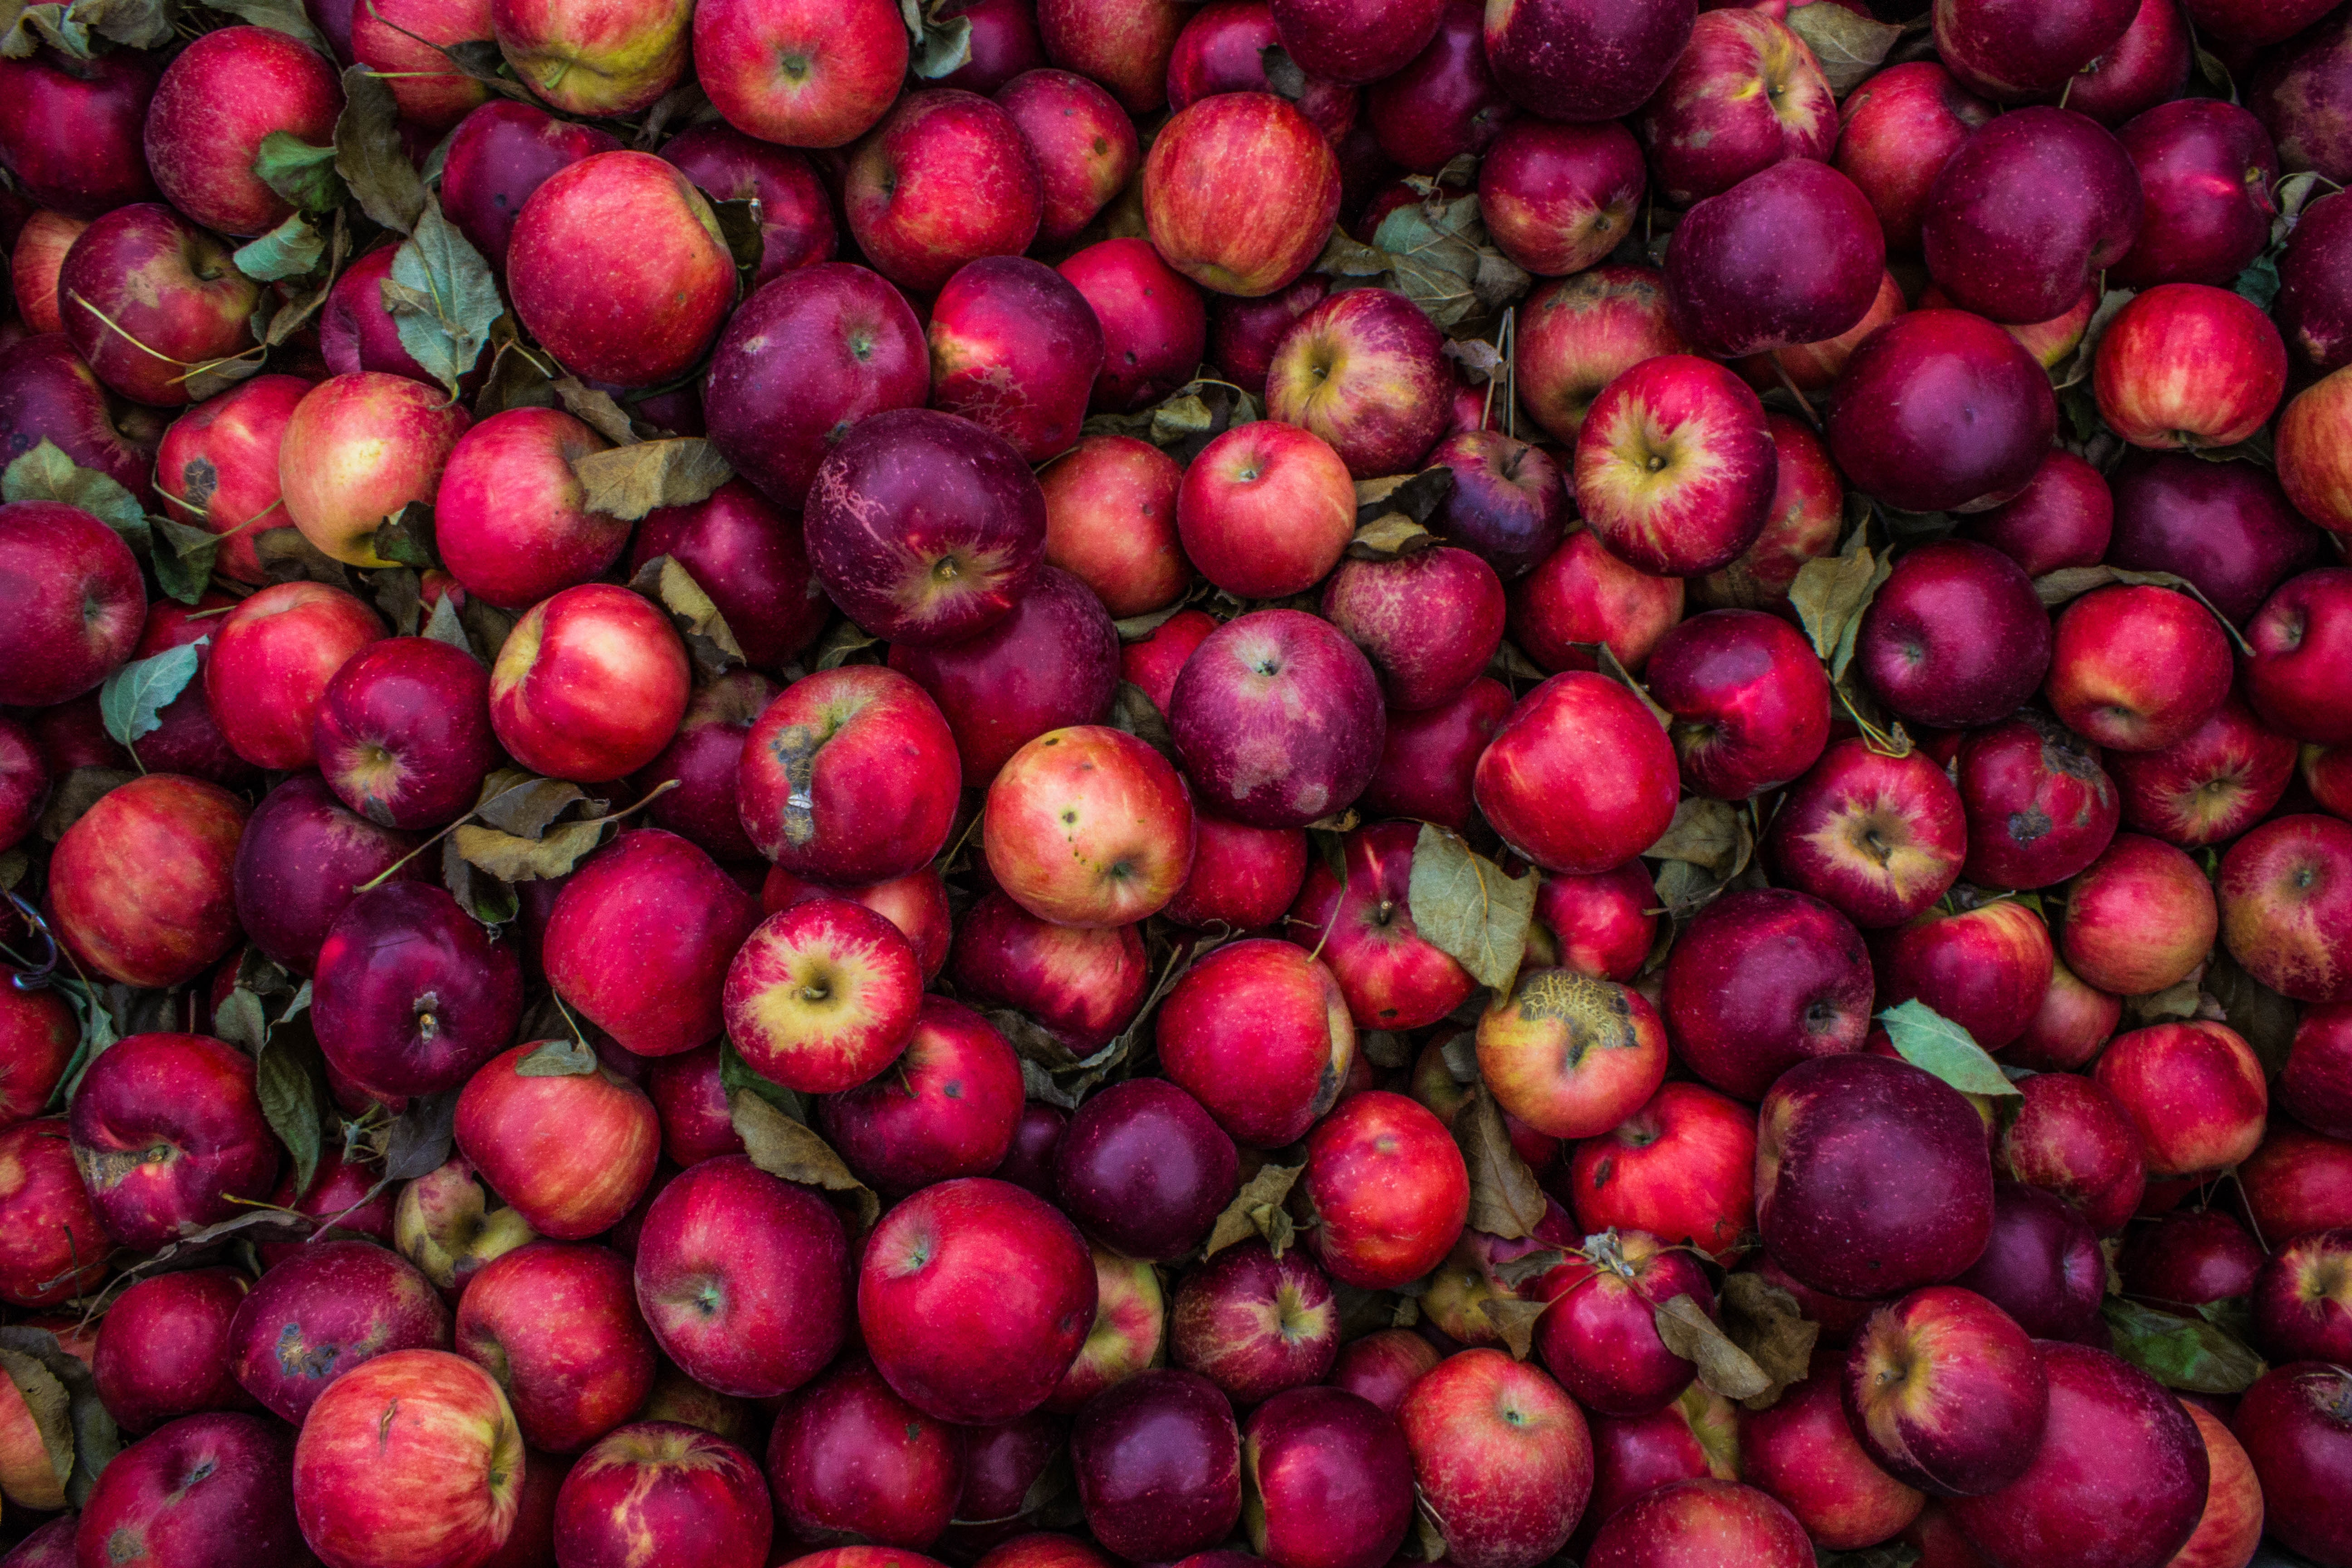 69442 скачать обои Красный, Урожай, Еда, Яблоки, Розовый, Спелый - заставки и картинки бесплатно